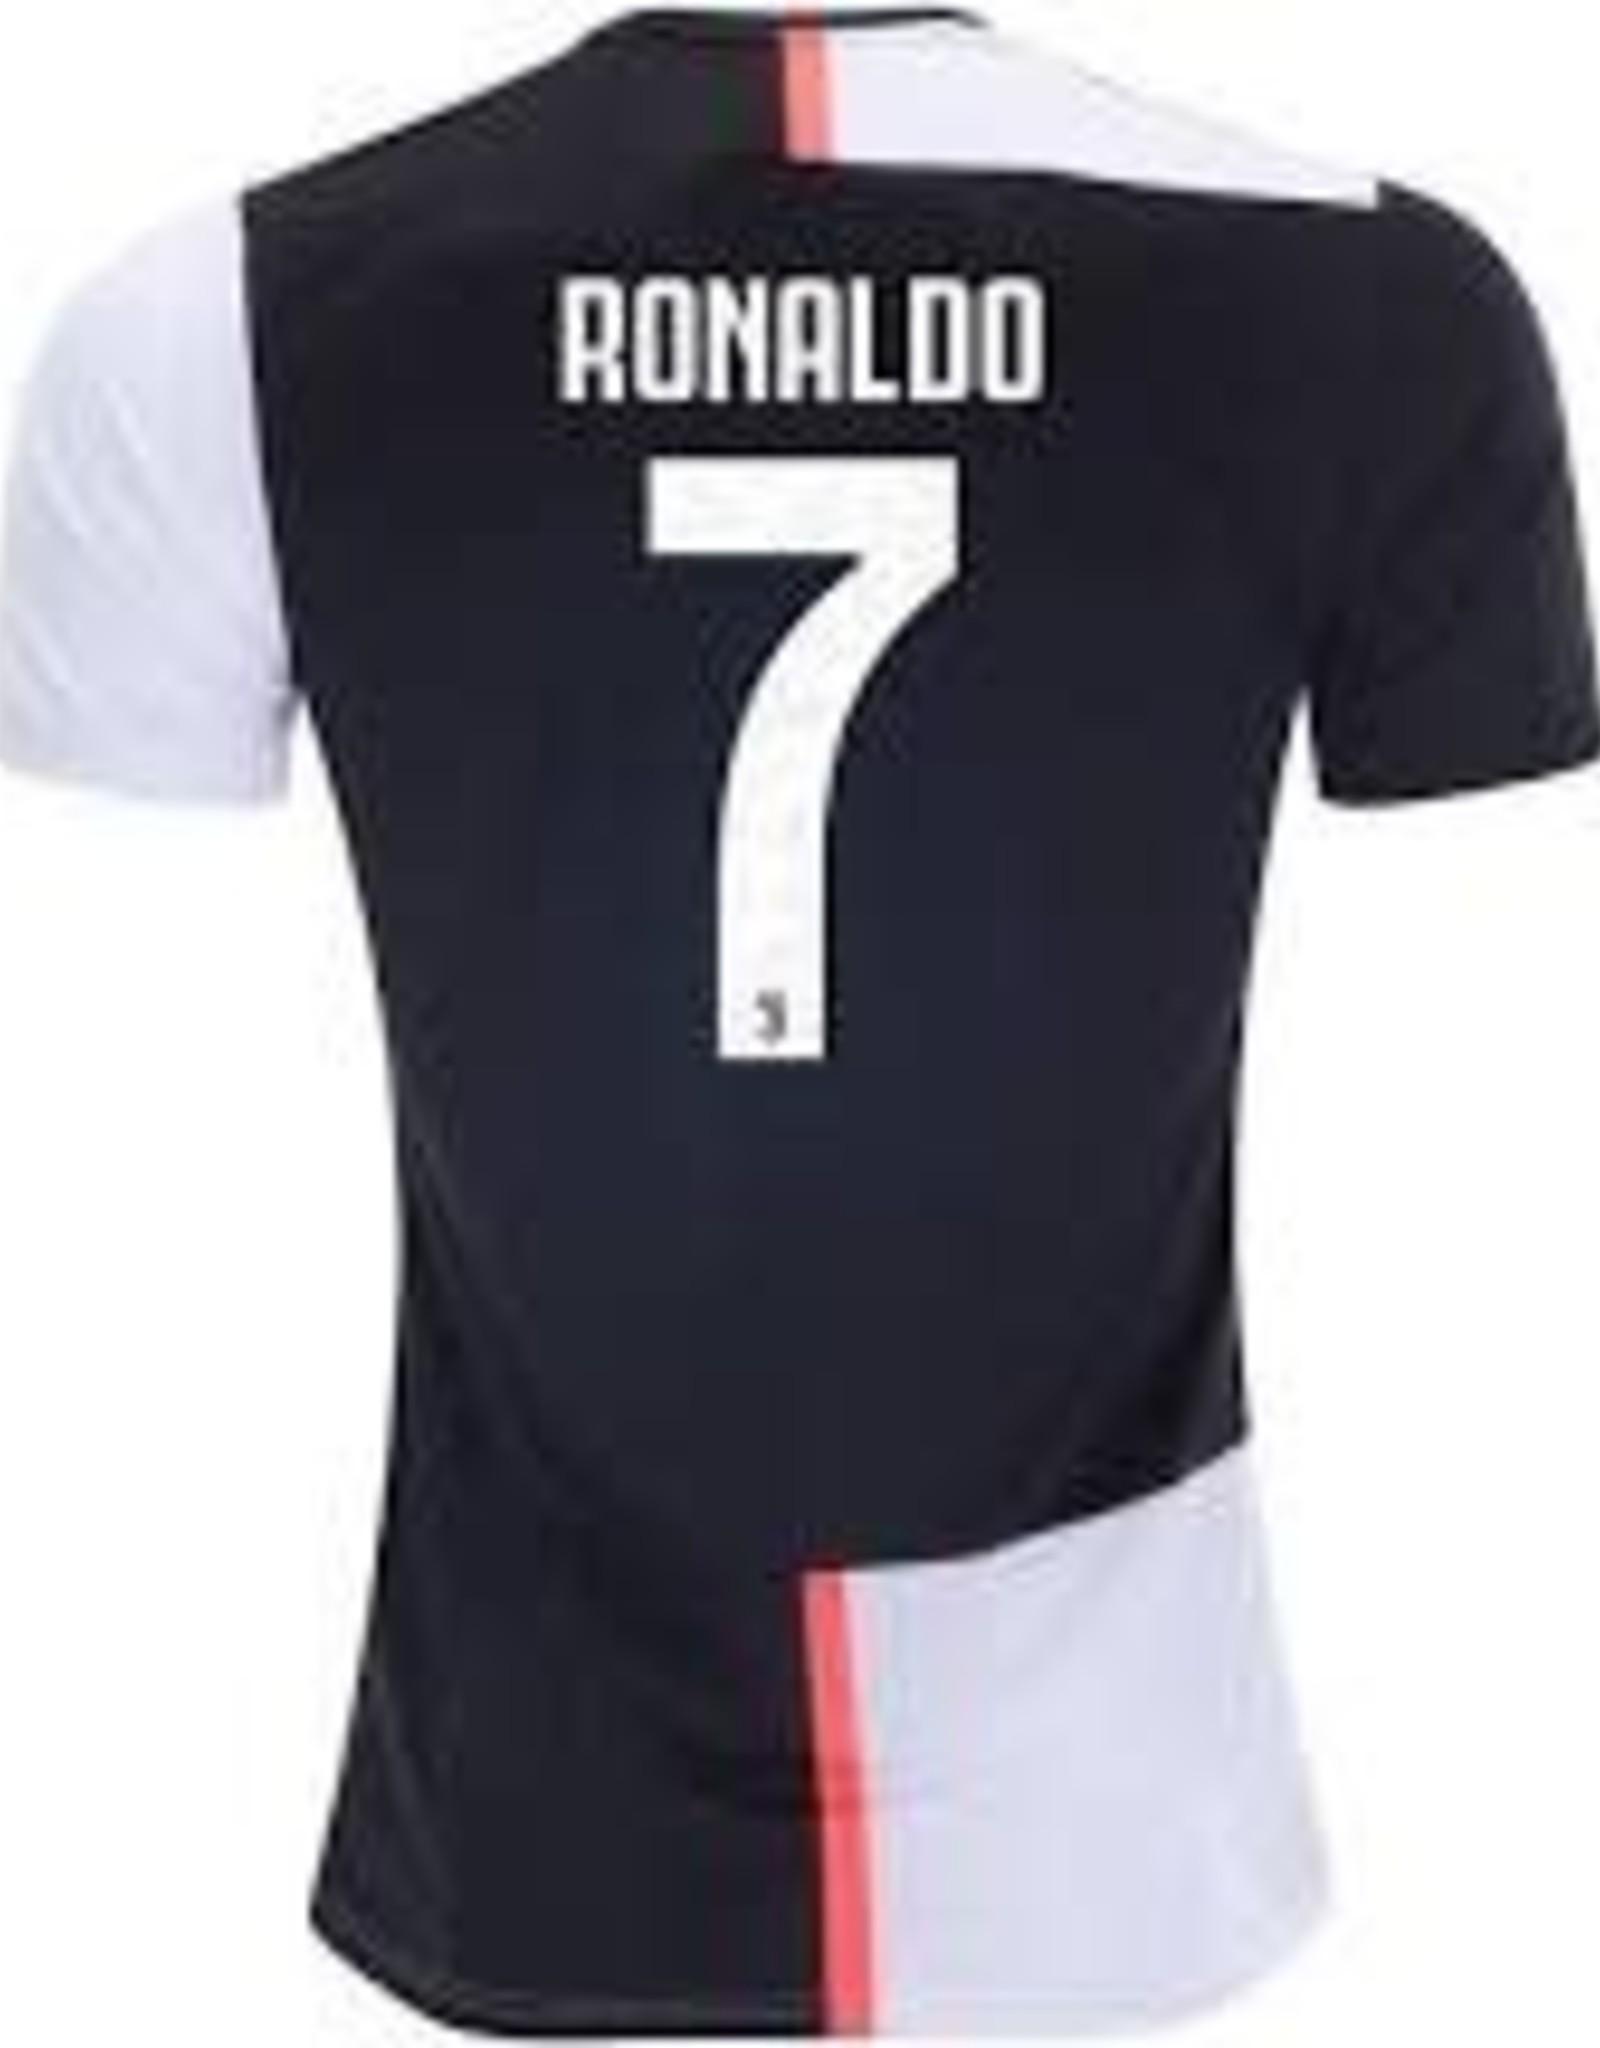 Adidas Adidas Cristiano Ronaldo Juventus Home Jersey 19/20